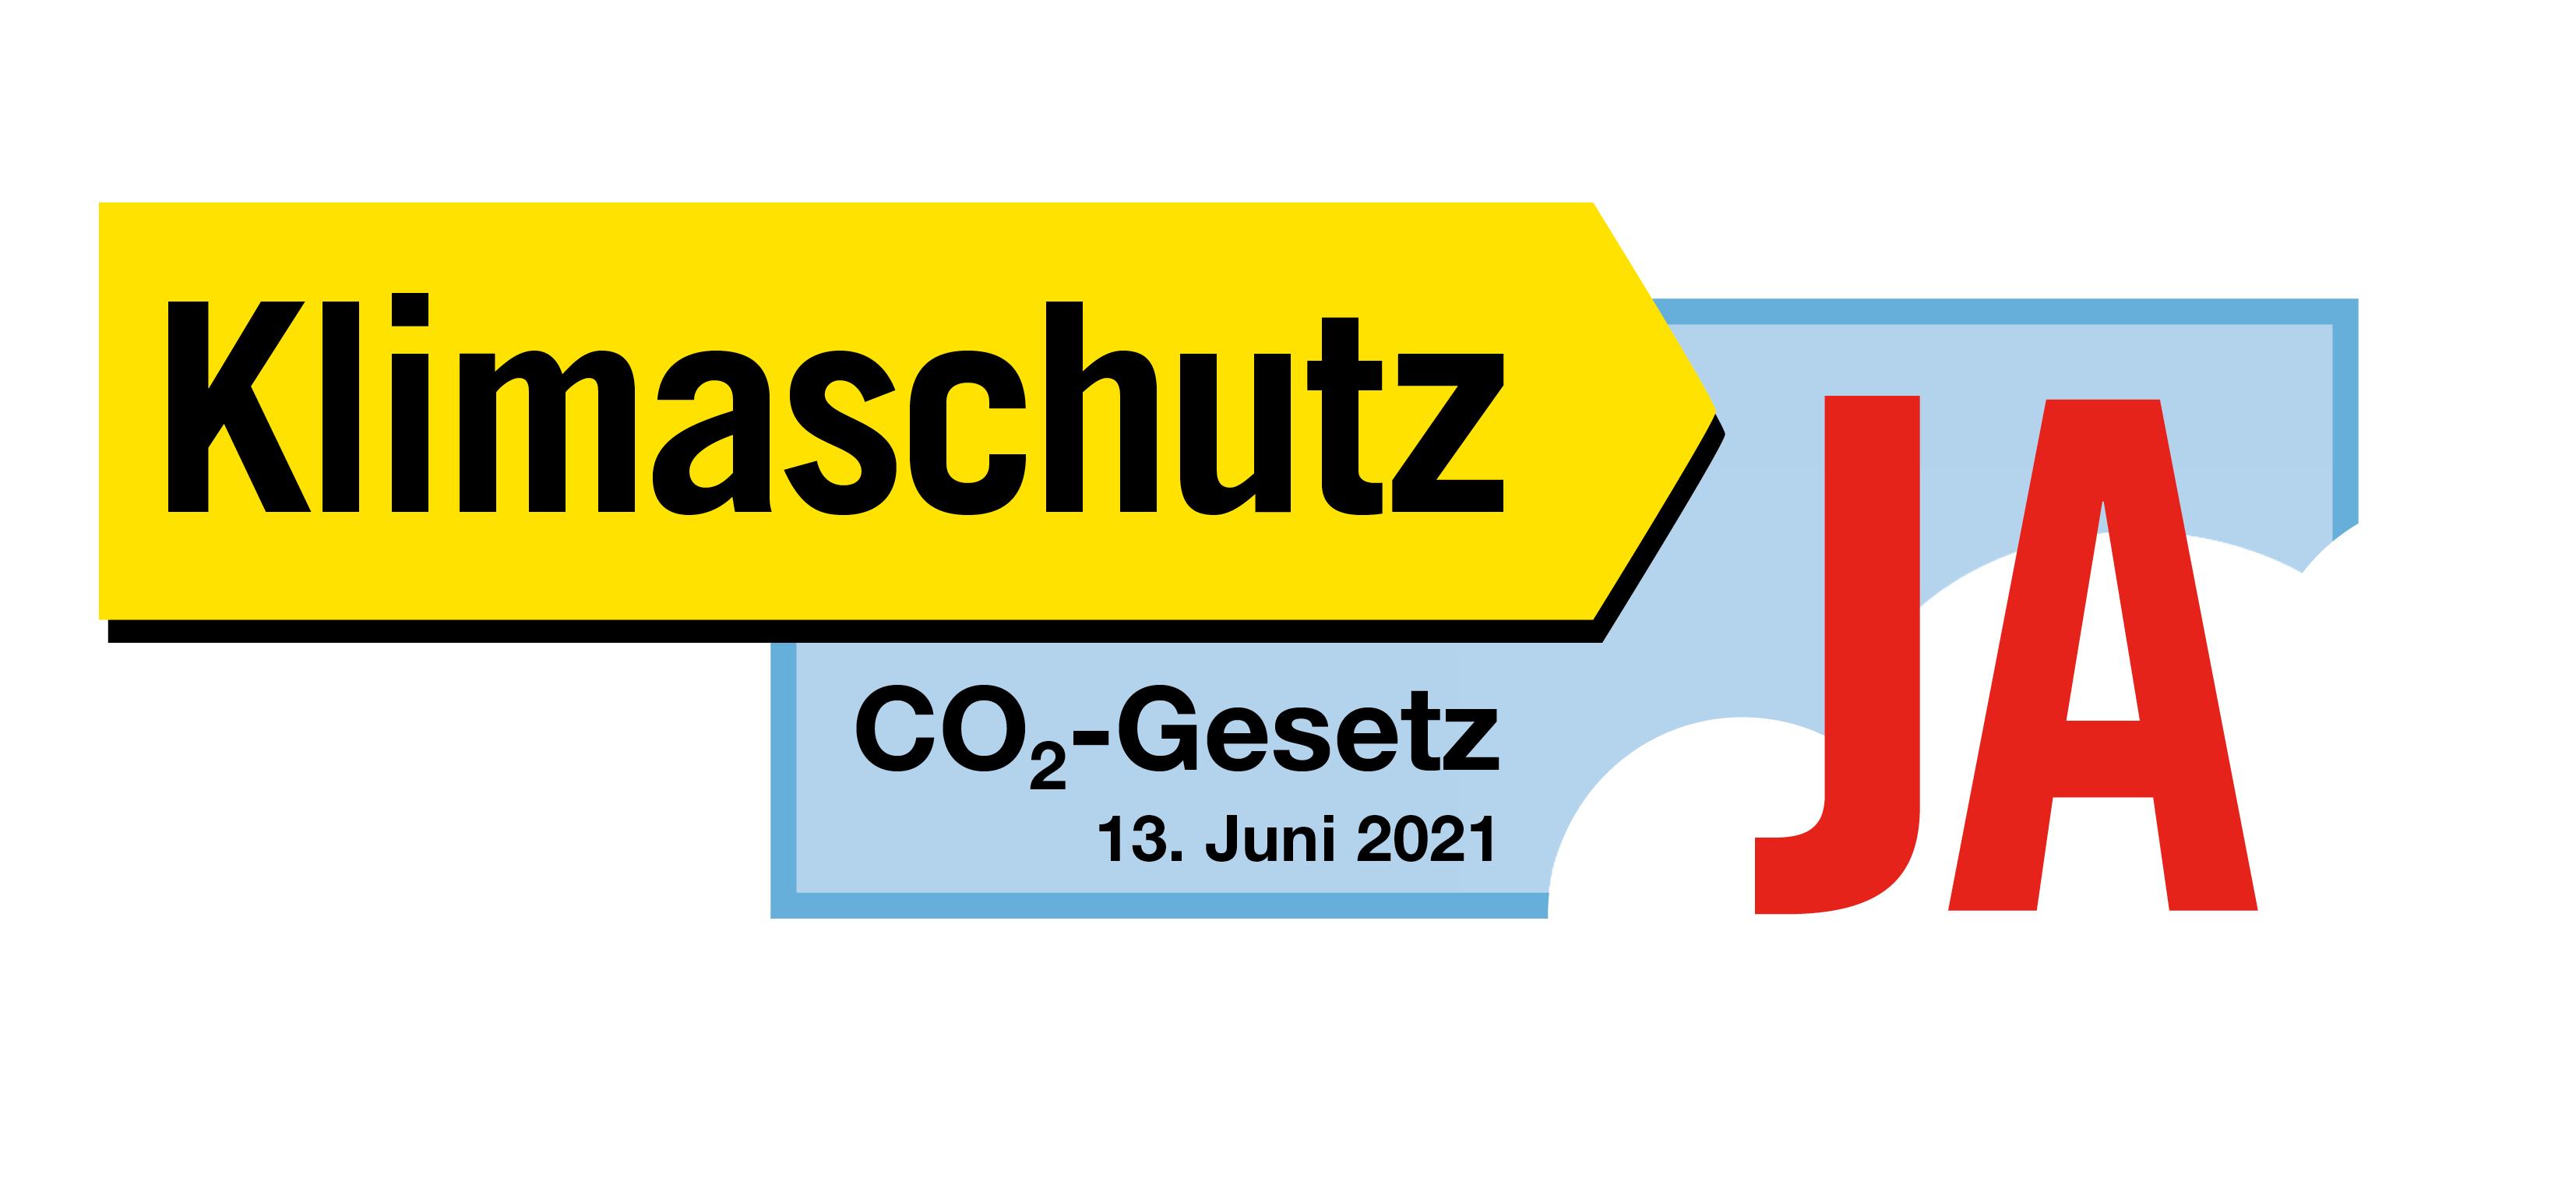 Jetzt mobilisieren prominente Stimmen fürs CO2-Gesetz - VCS Verkehrs-Club der Schweiz